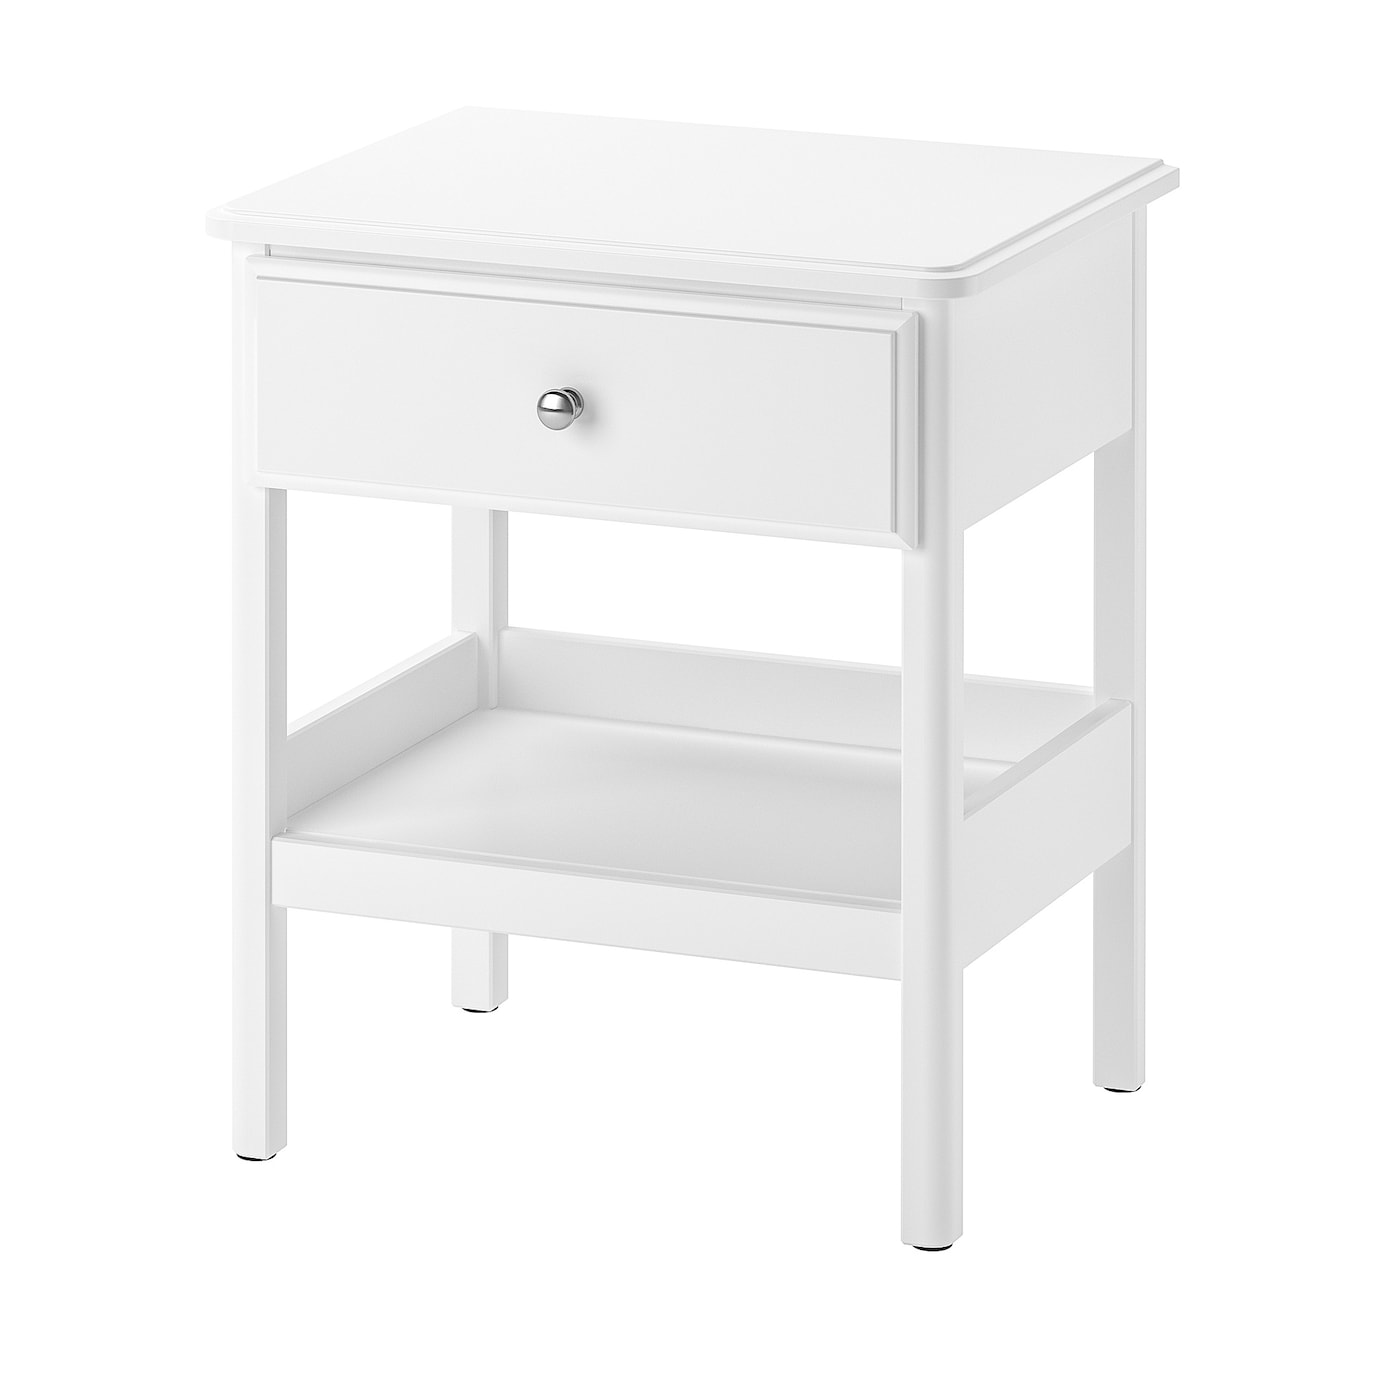 IKEA TYSSEDAL biały stolik nocny, 51x40 cm